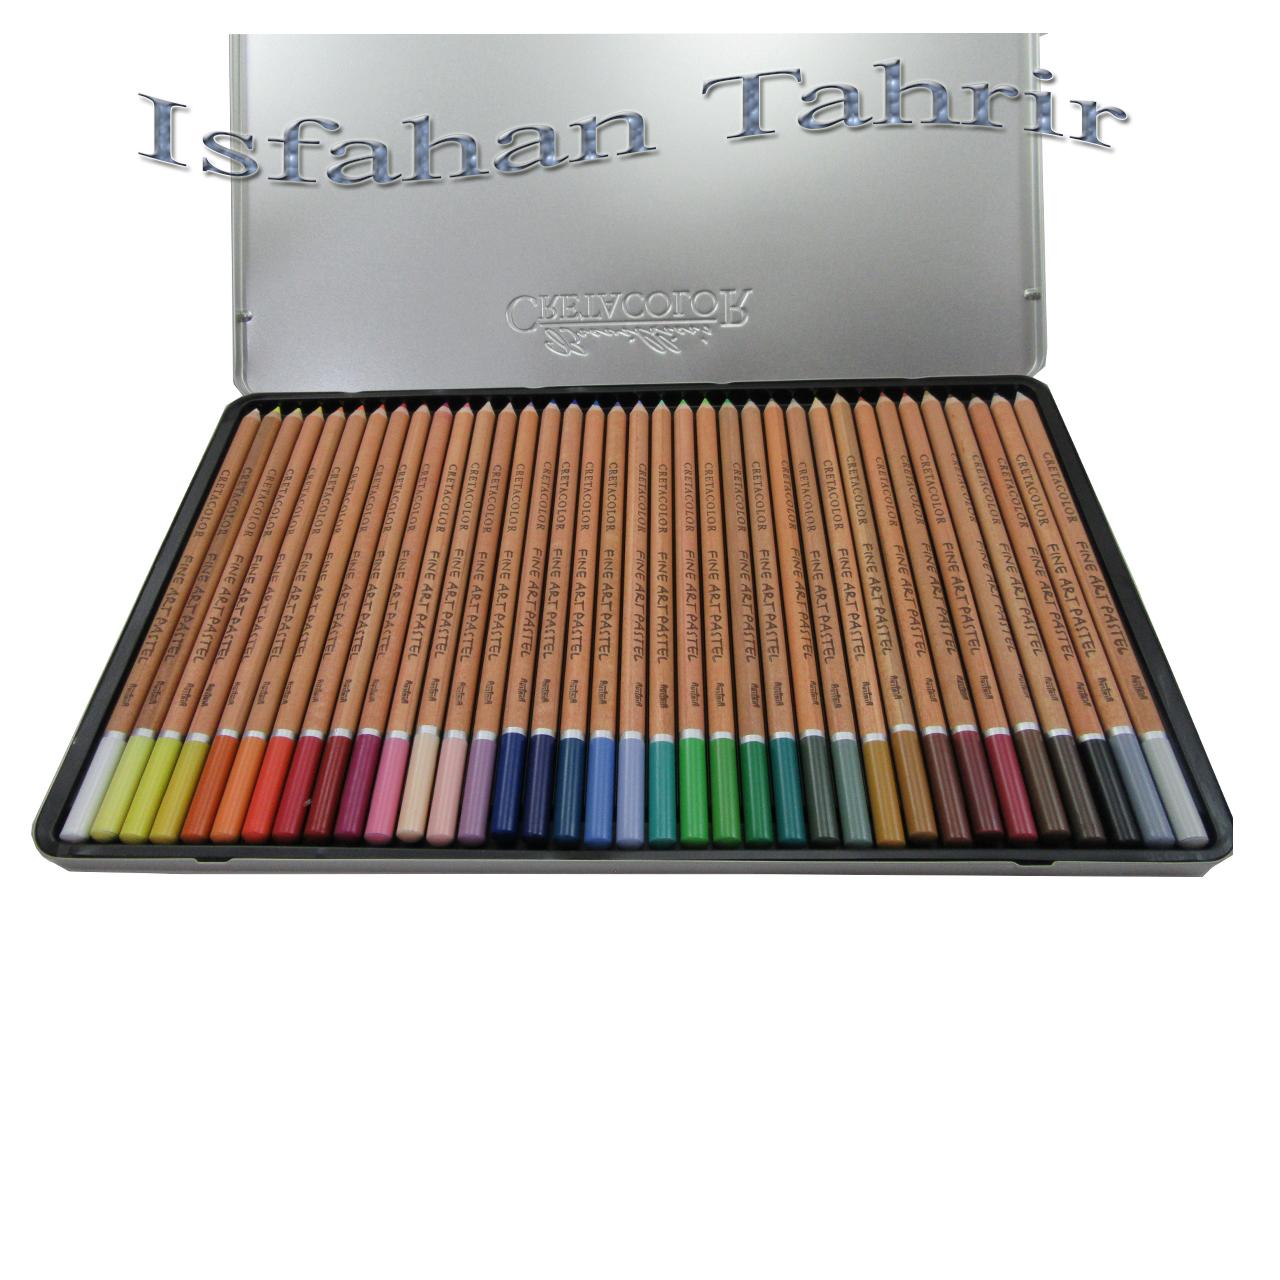 پاستل مدادی 36 رنگ کرتاکالر